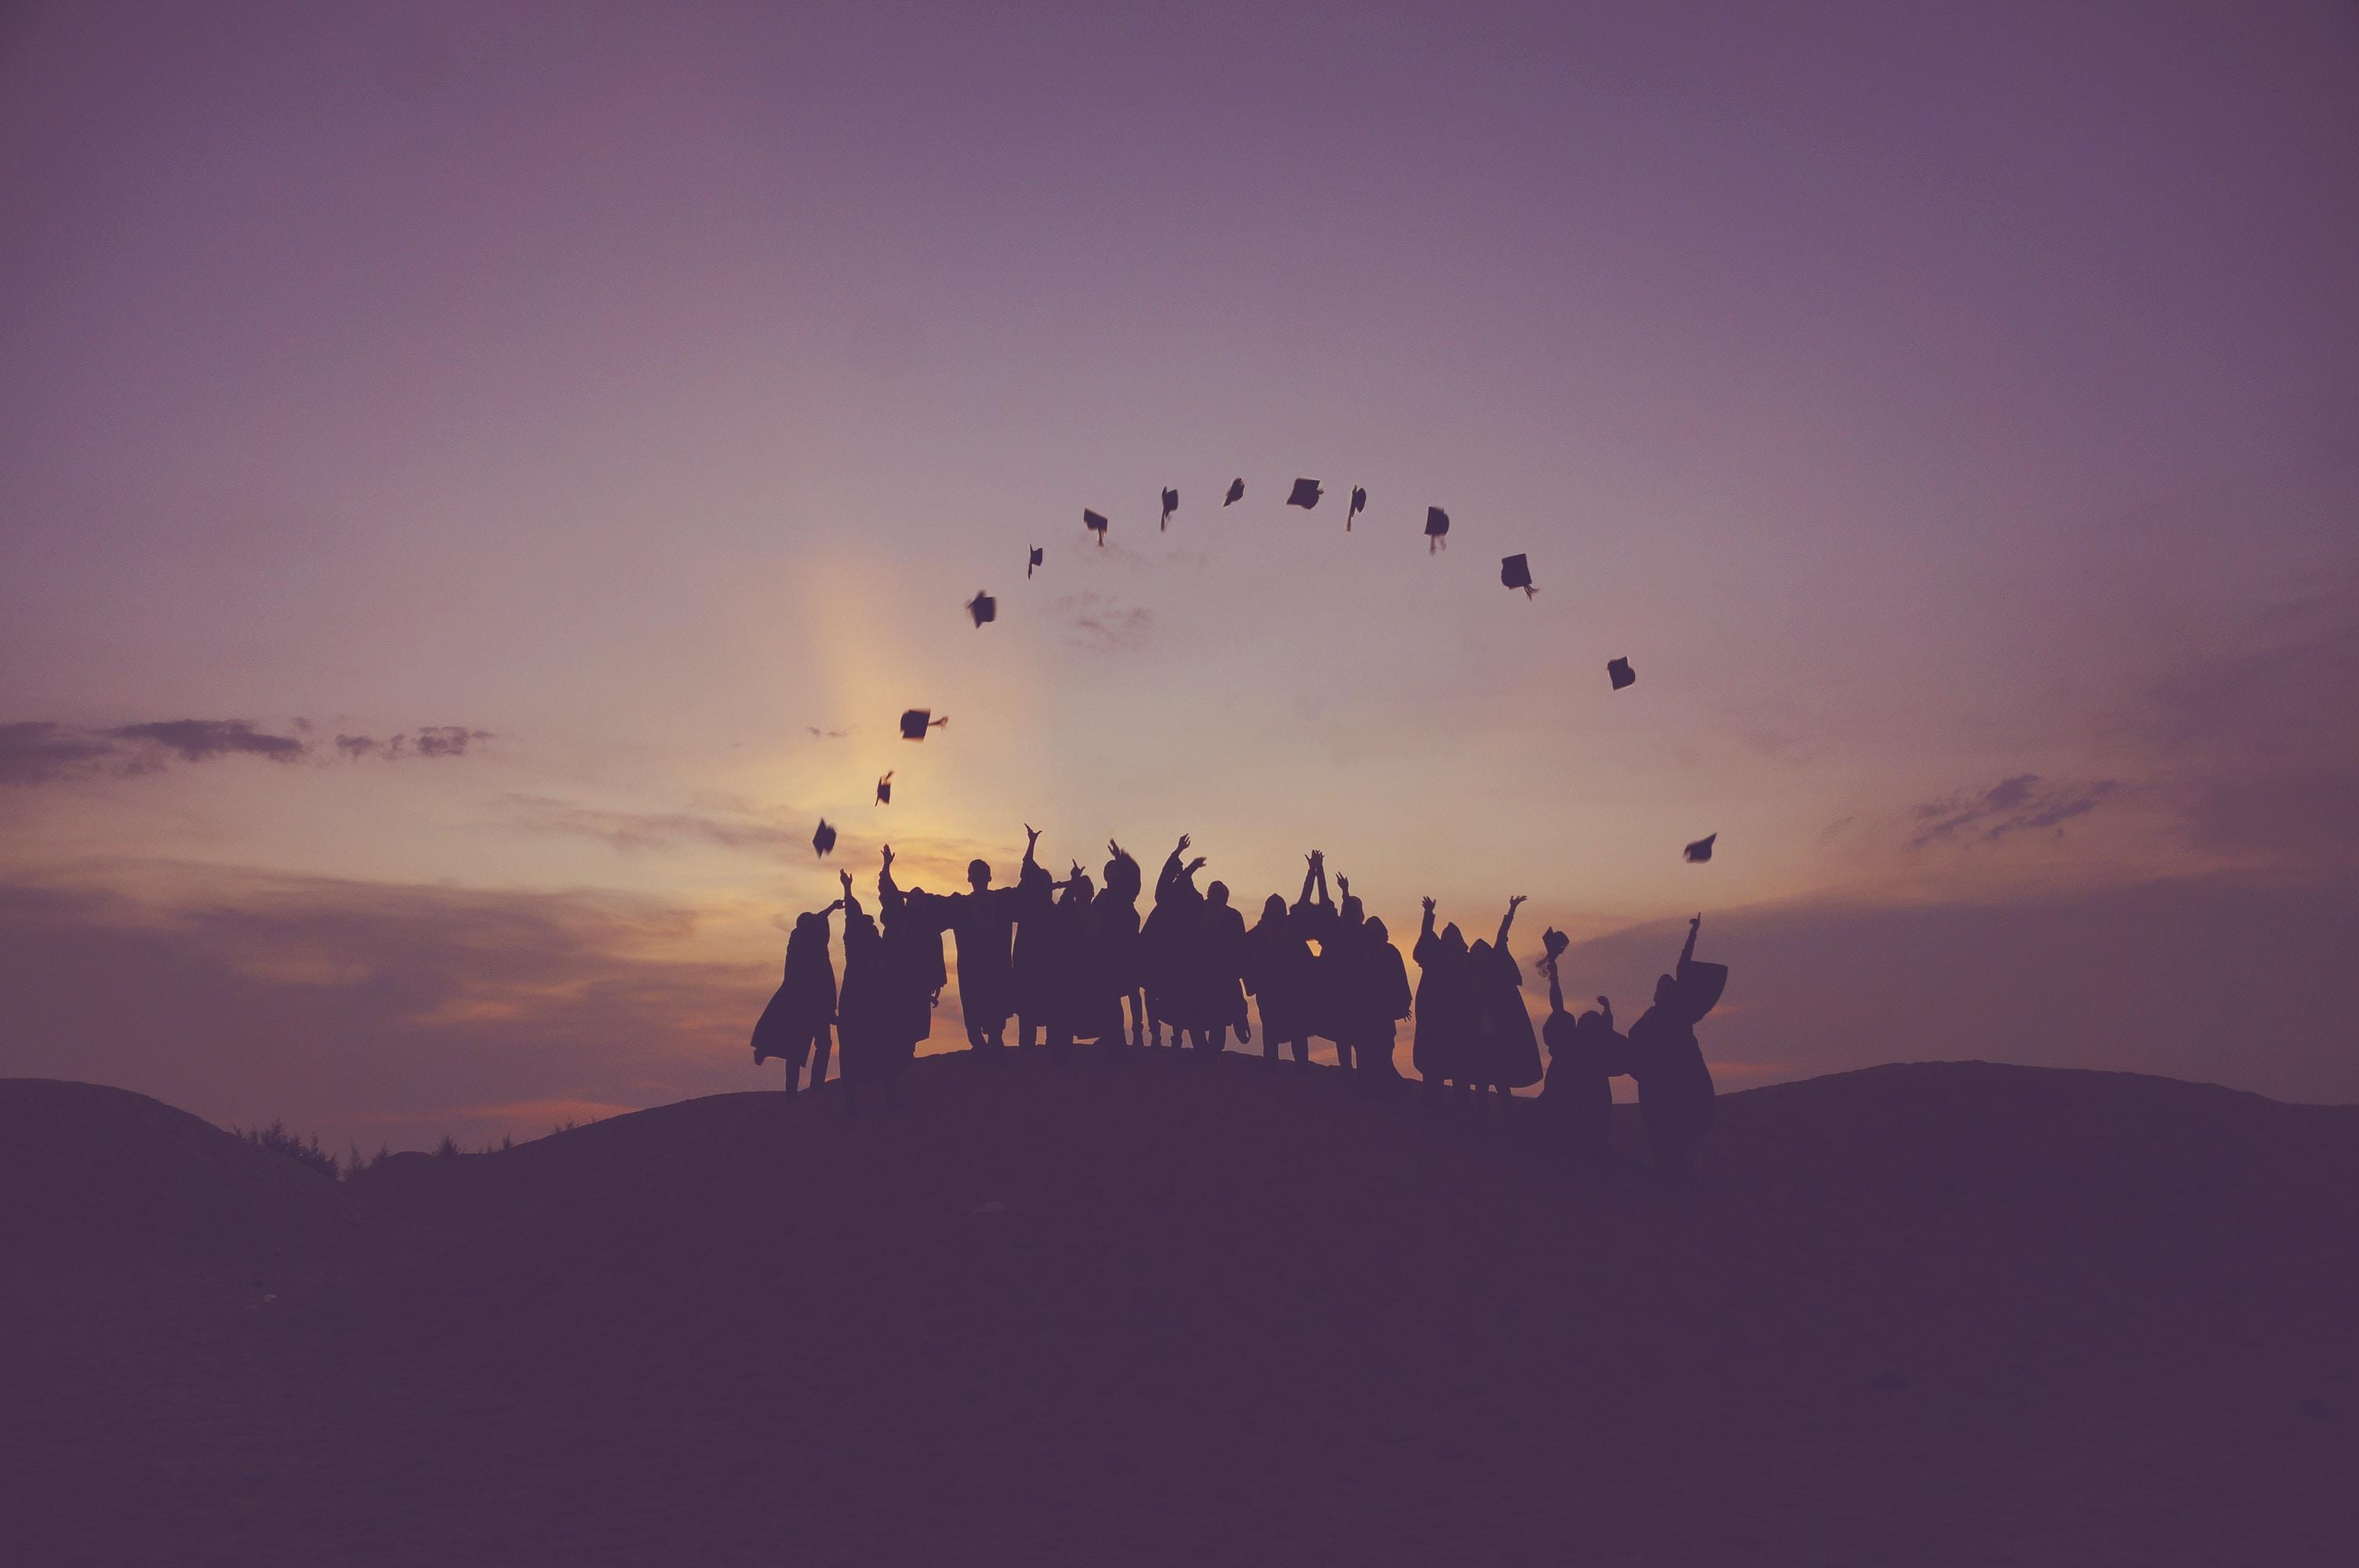 Graduation #torn stories